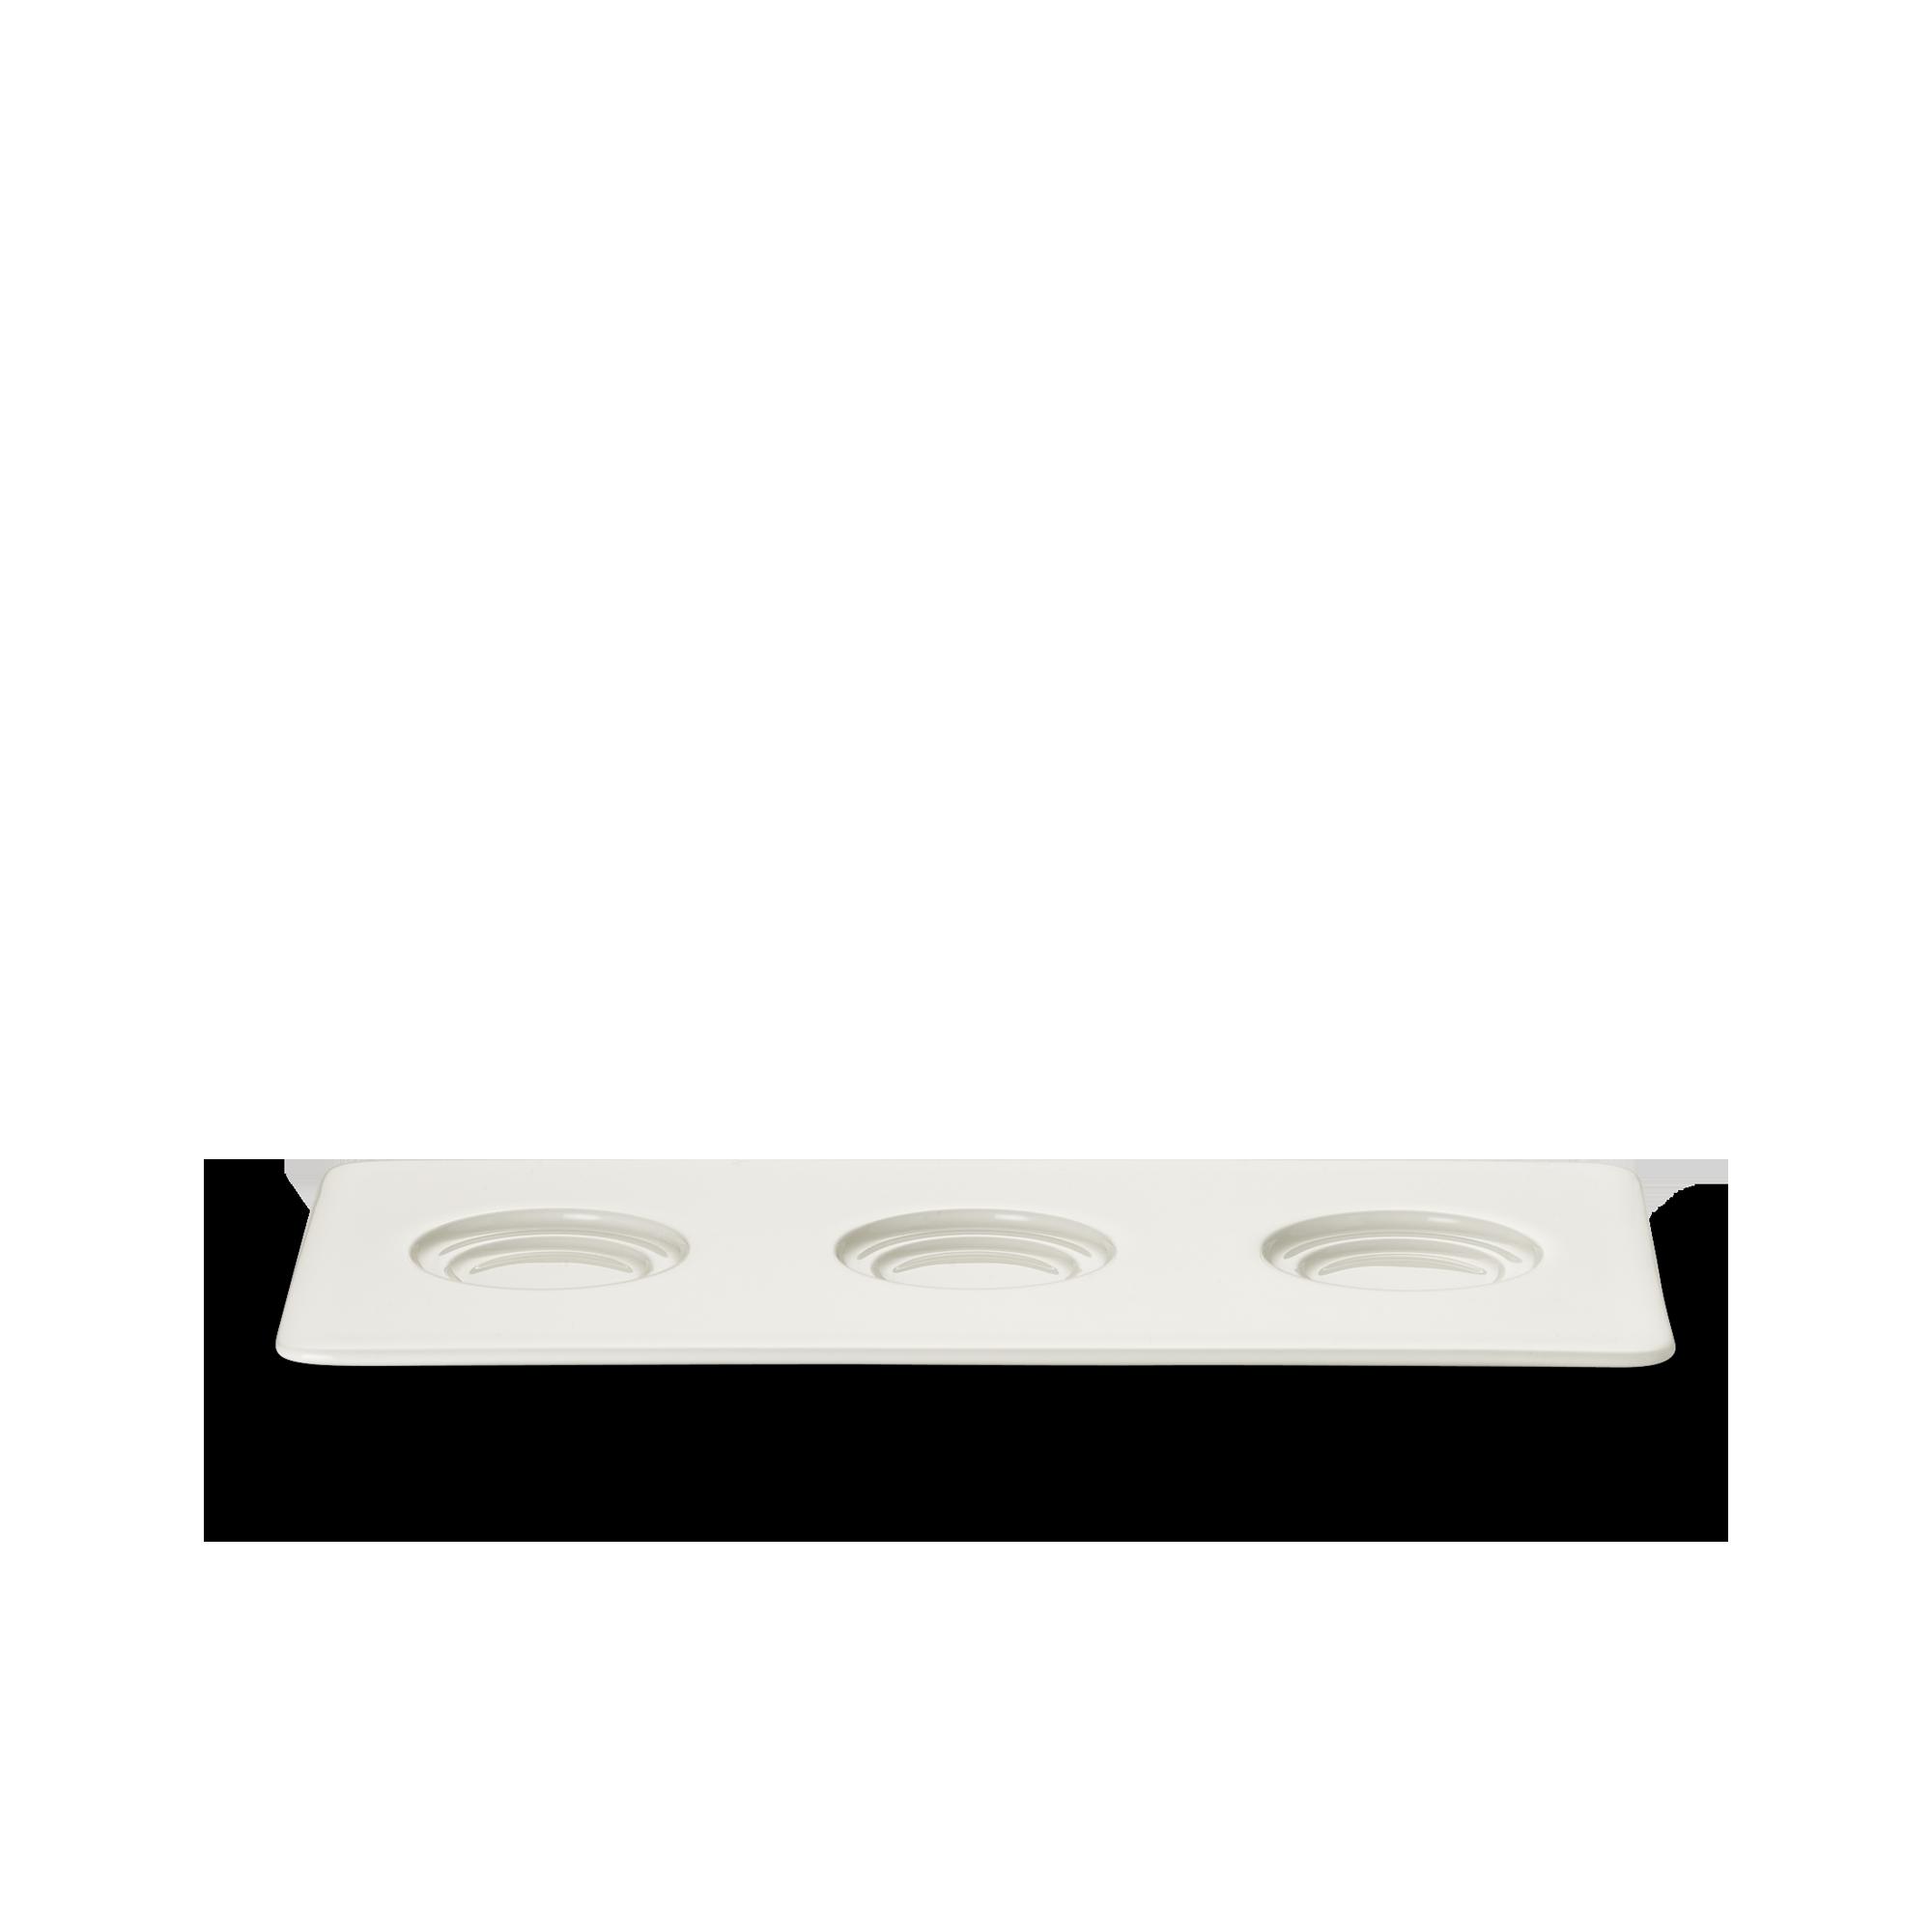 Tablett 13x26 cm 3 Spiegel Fine Bone China Konisch-Zylindrisch Weiss Dibbern